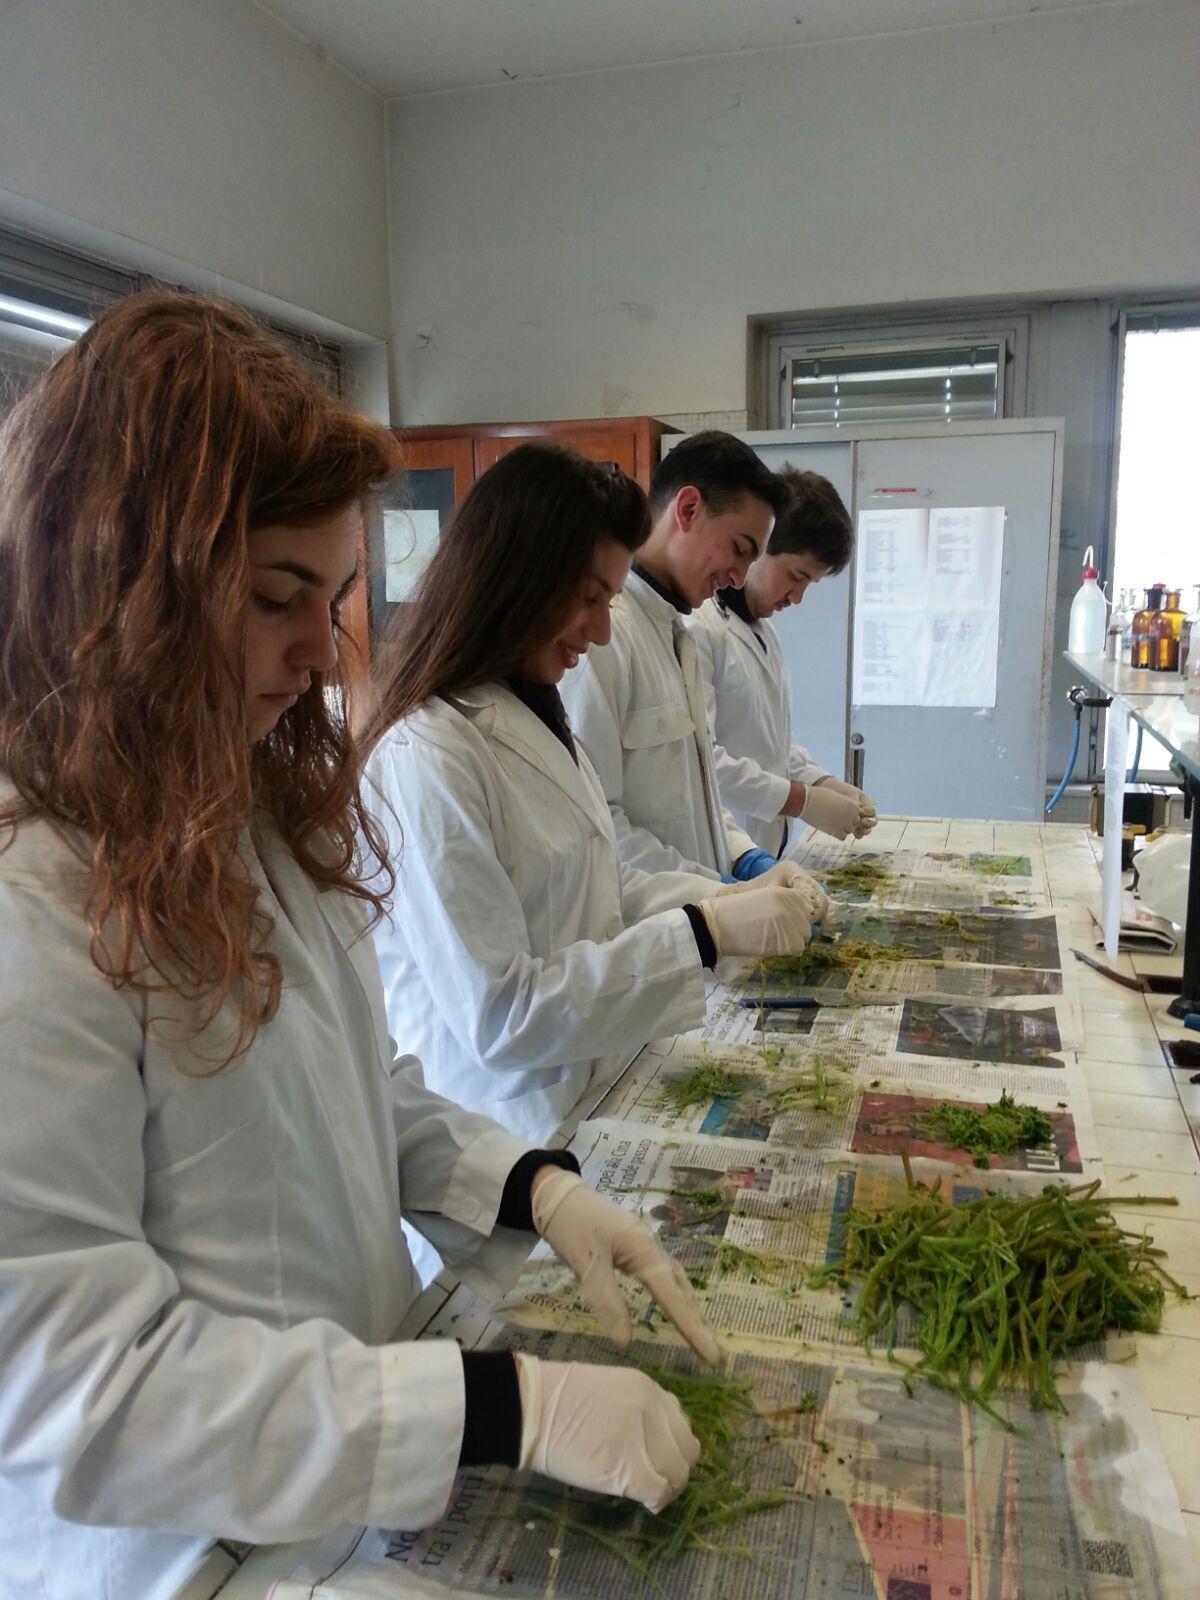 Isolanti naturali ecologici  -  Fibre di ginestra, ortica ed agave: isolanti termici e fonoassorbenti